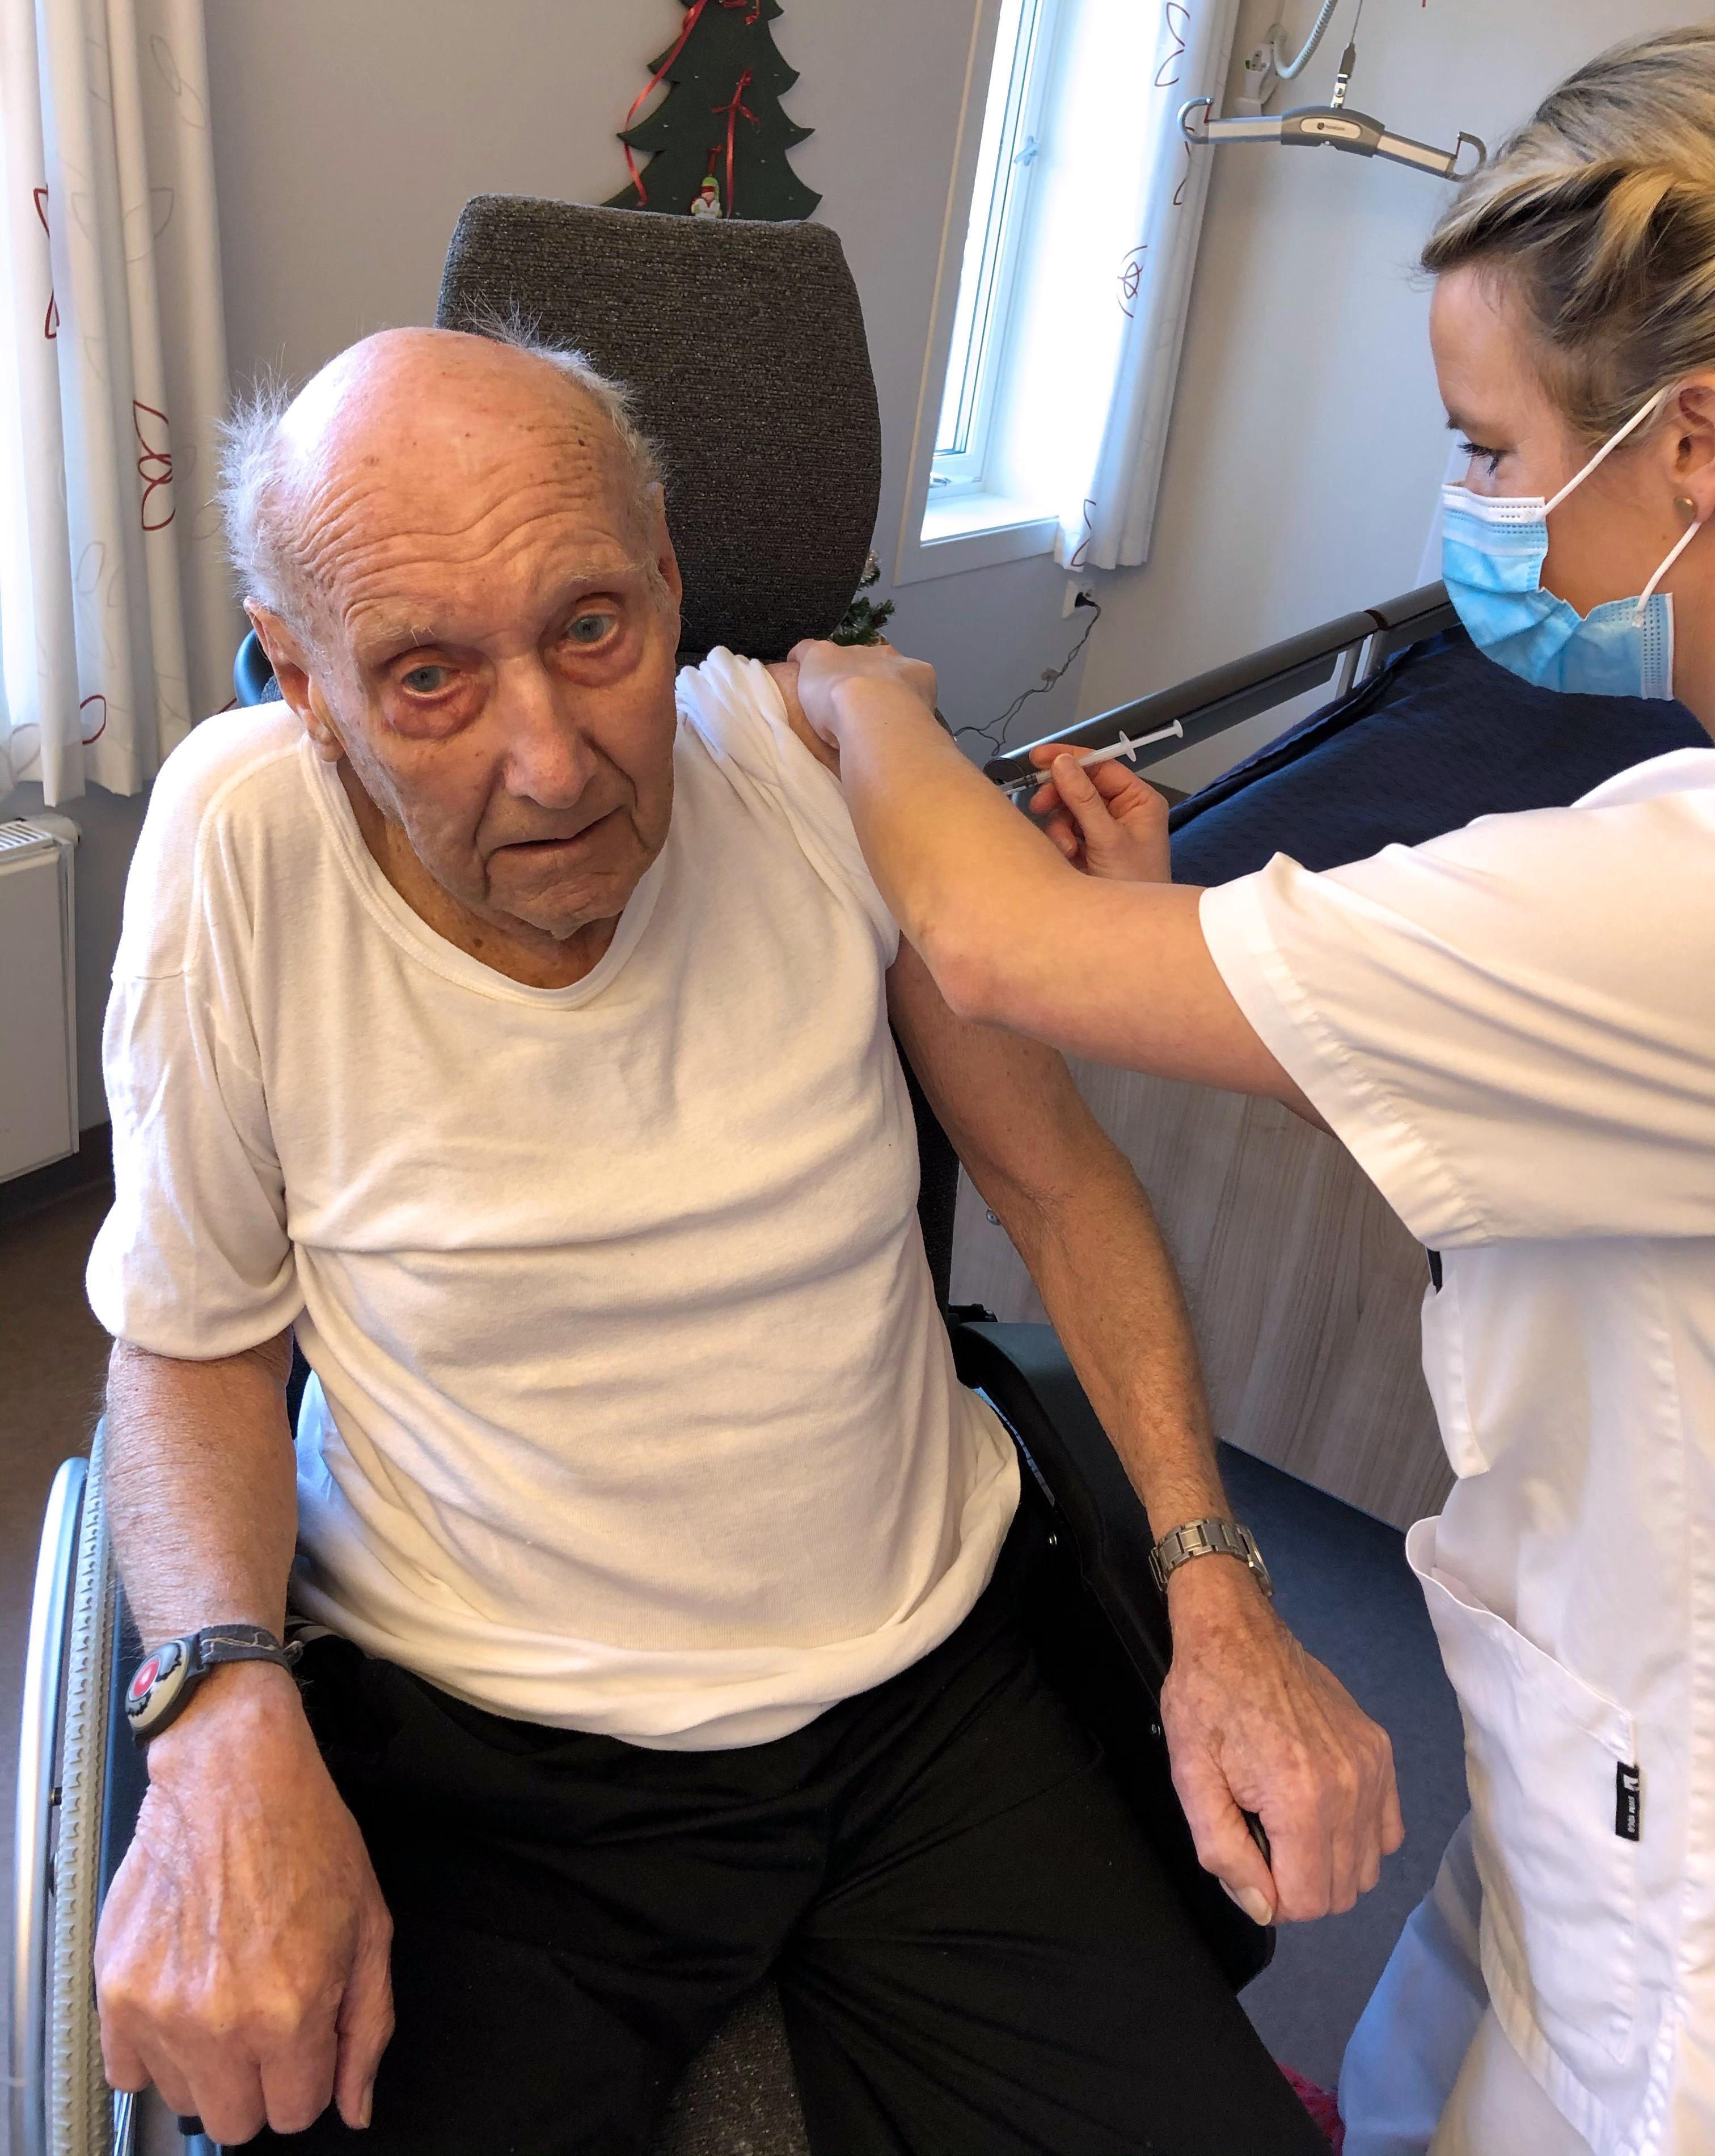 Ingolf Wiberg, på snart 86 år, var den første i Evje og Hornnes kommune til å få koronavaksine, når vaksinasjonen startet i dag, tirsdag 5. januar. Vaksinen ble satt av sykepleier Elisabeth Haugland. Bildet er gjengitt etter tillatelse fra begge.